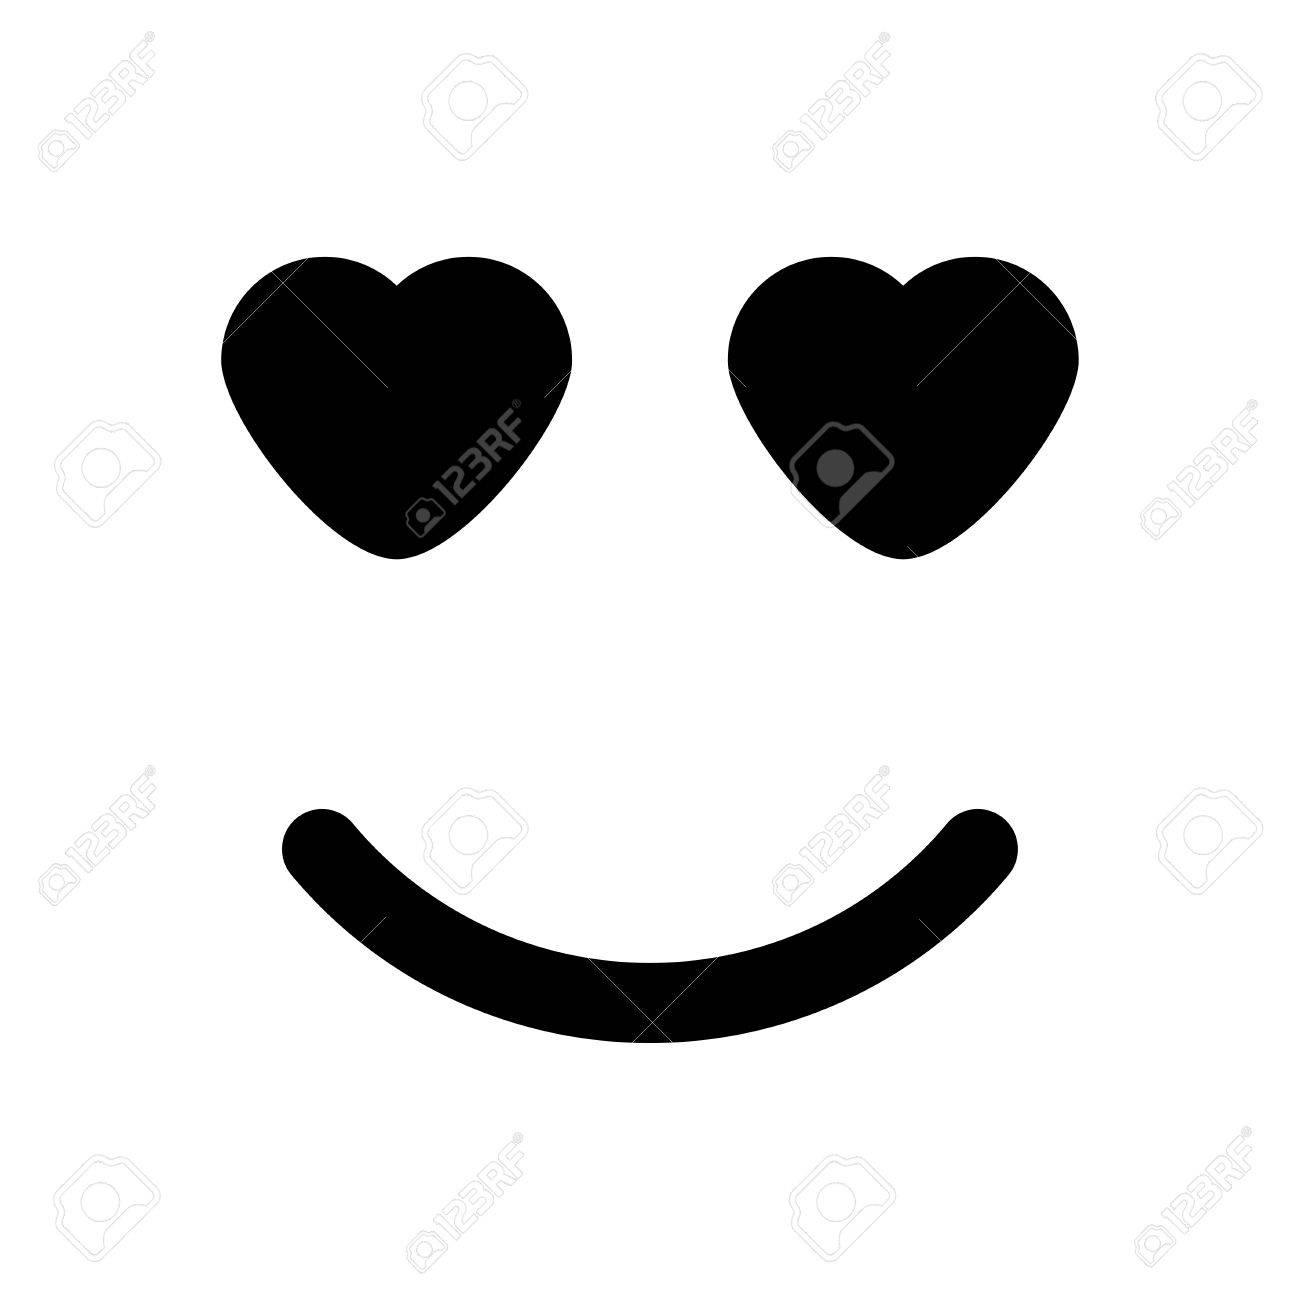 Augen den in mit smiley herzen Outlook Smileys: